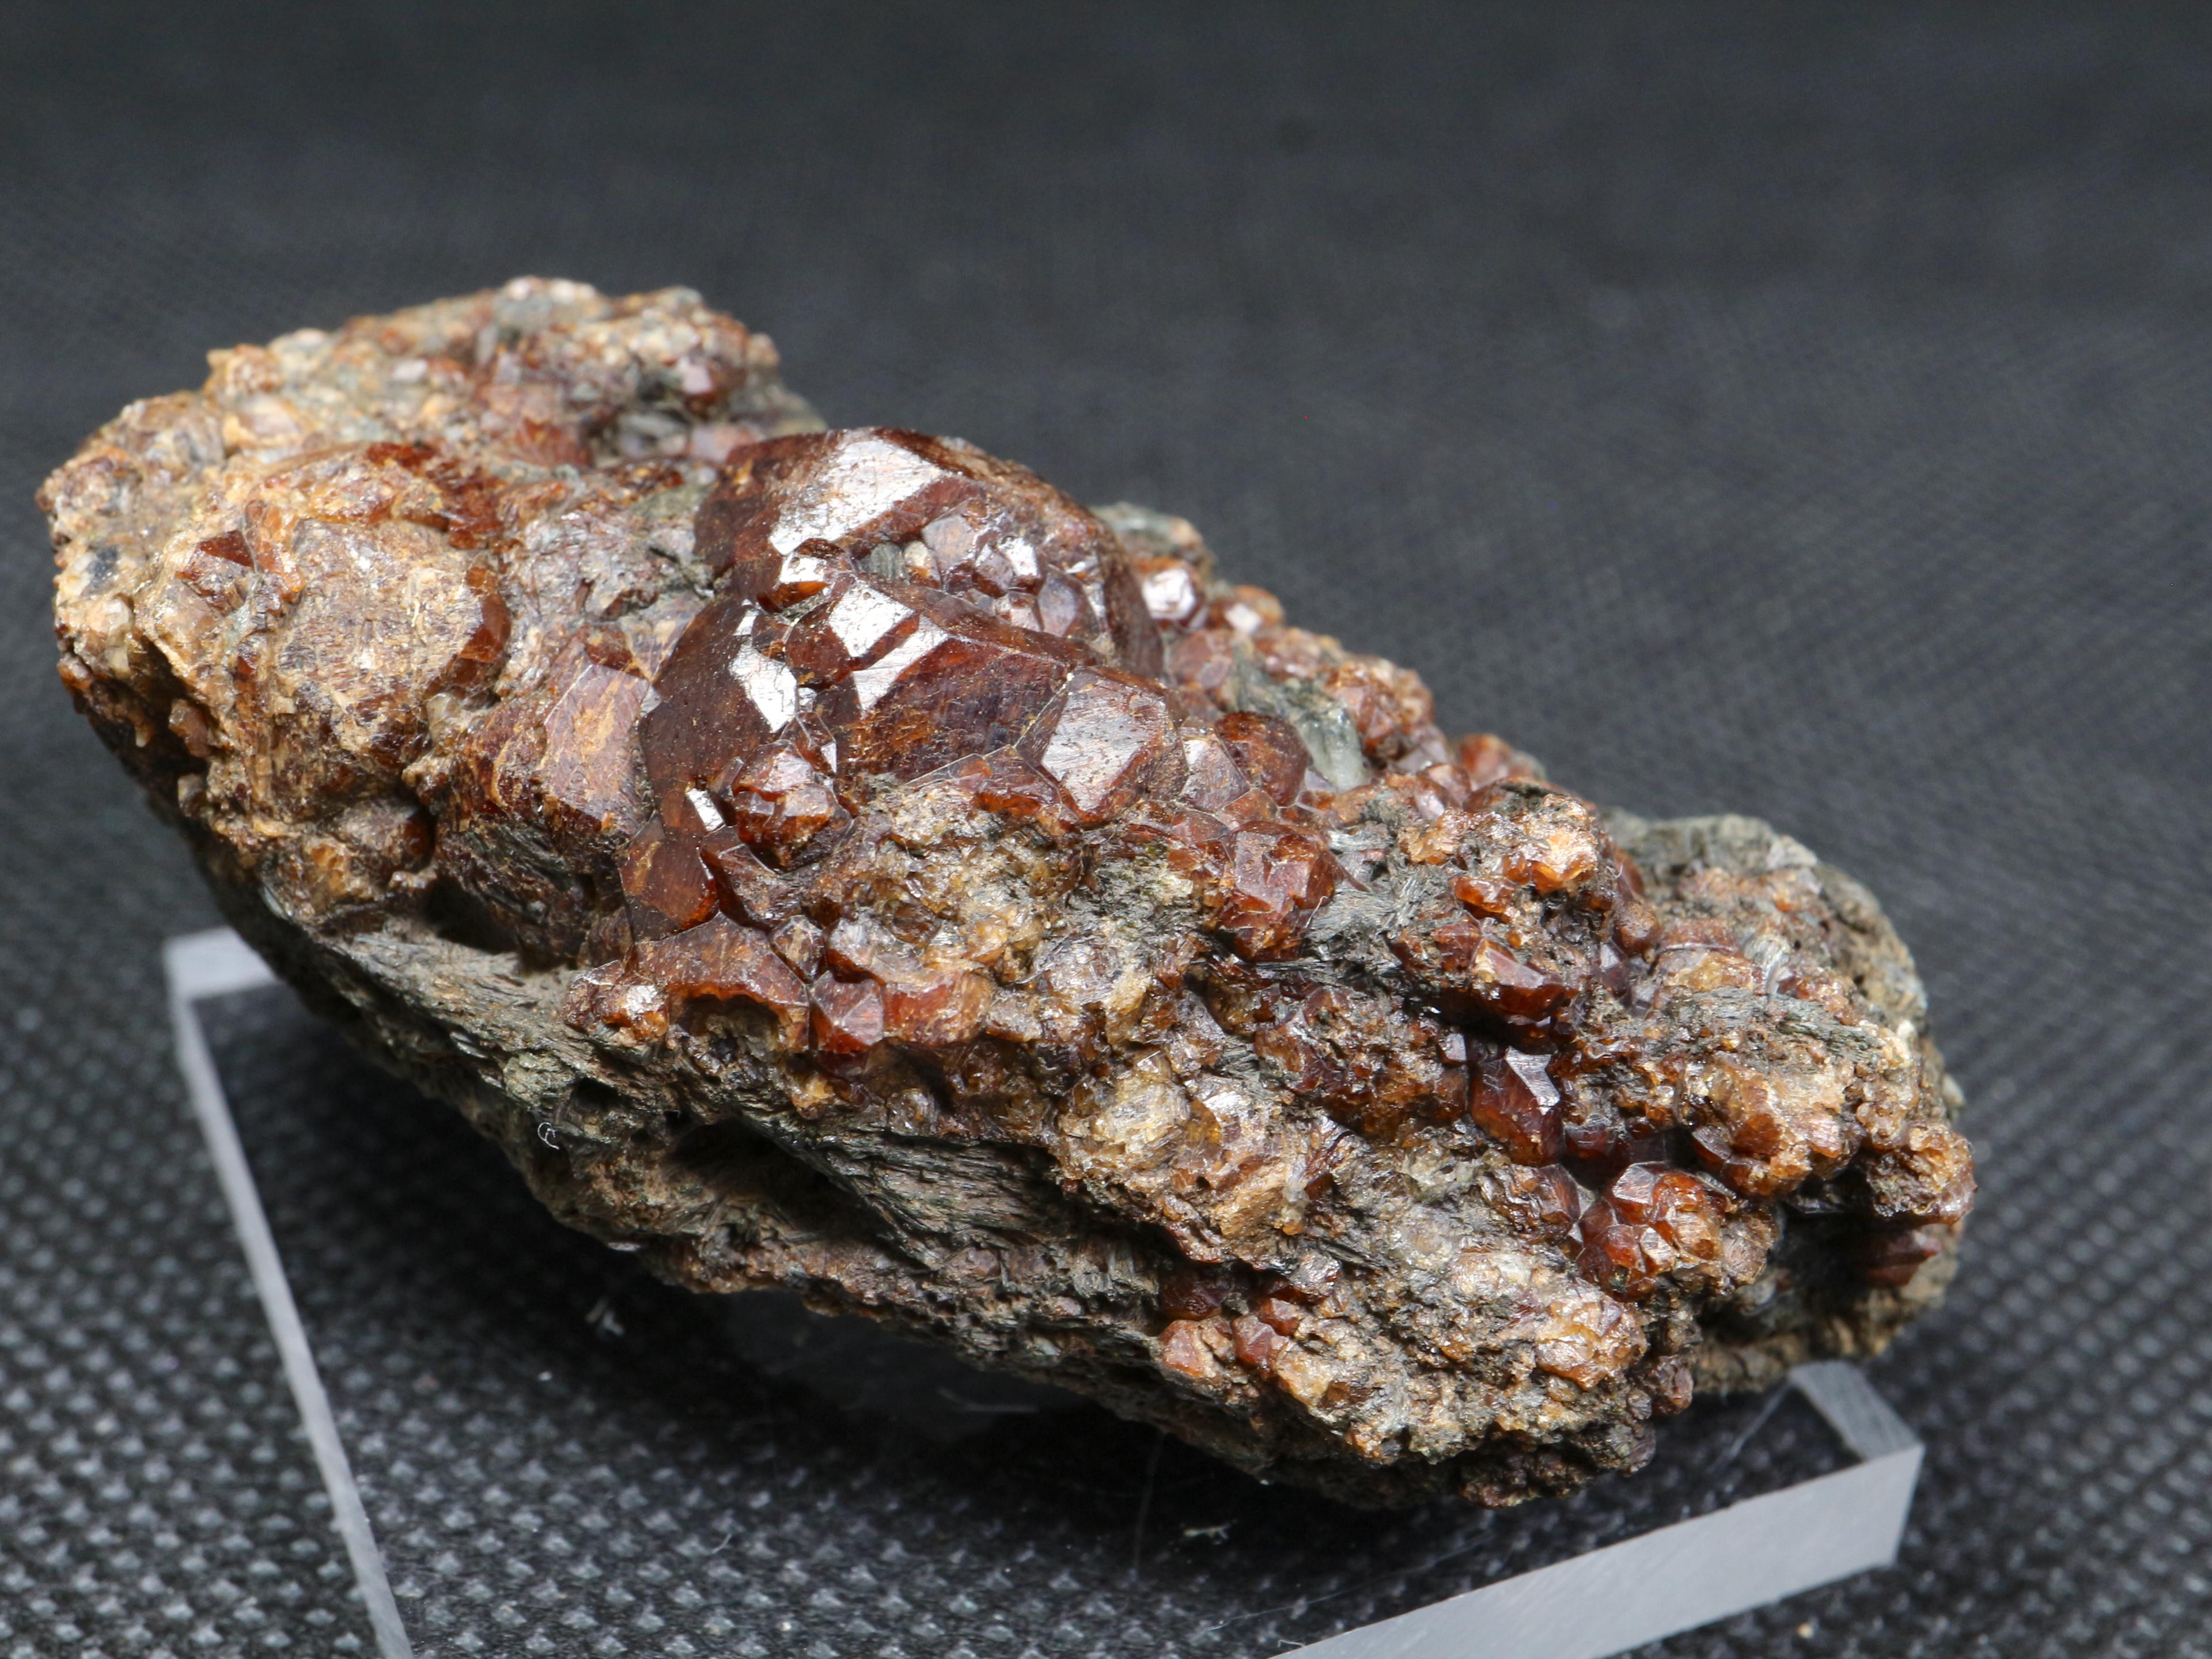 ※SALE※自主採掘!グロッシュラー ガーネット + カルサイト 方解石 58,8g GN074 原石 鉱物 天然石 パワーストーン